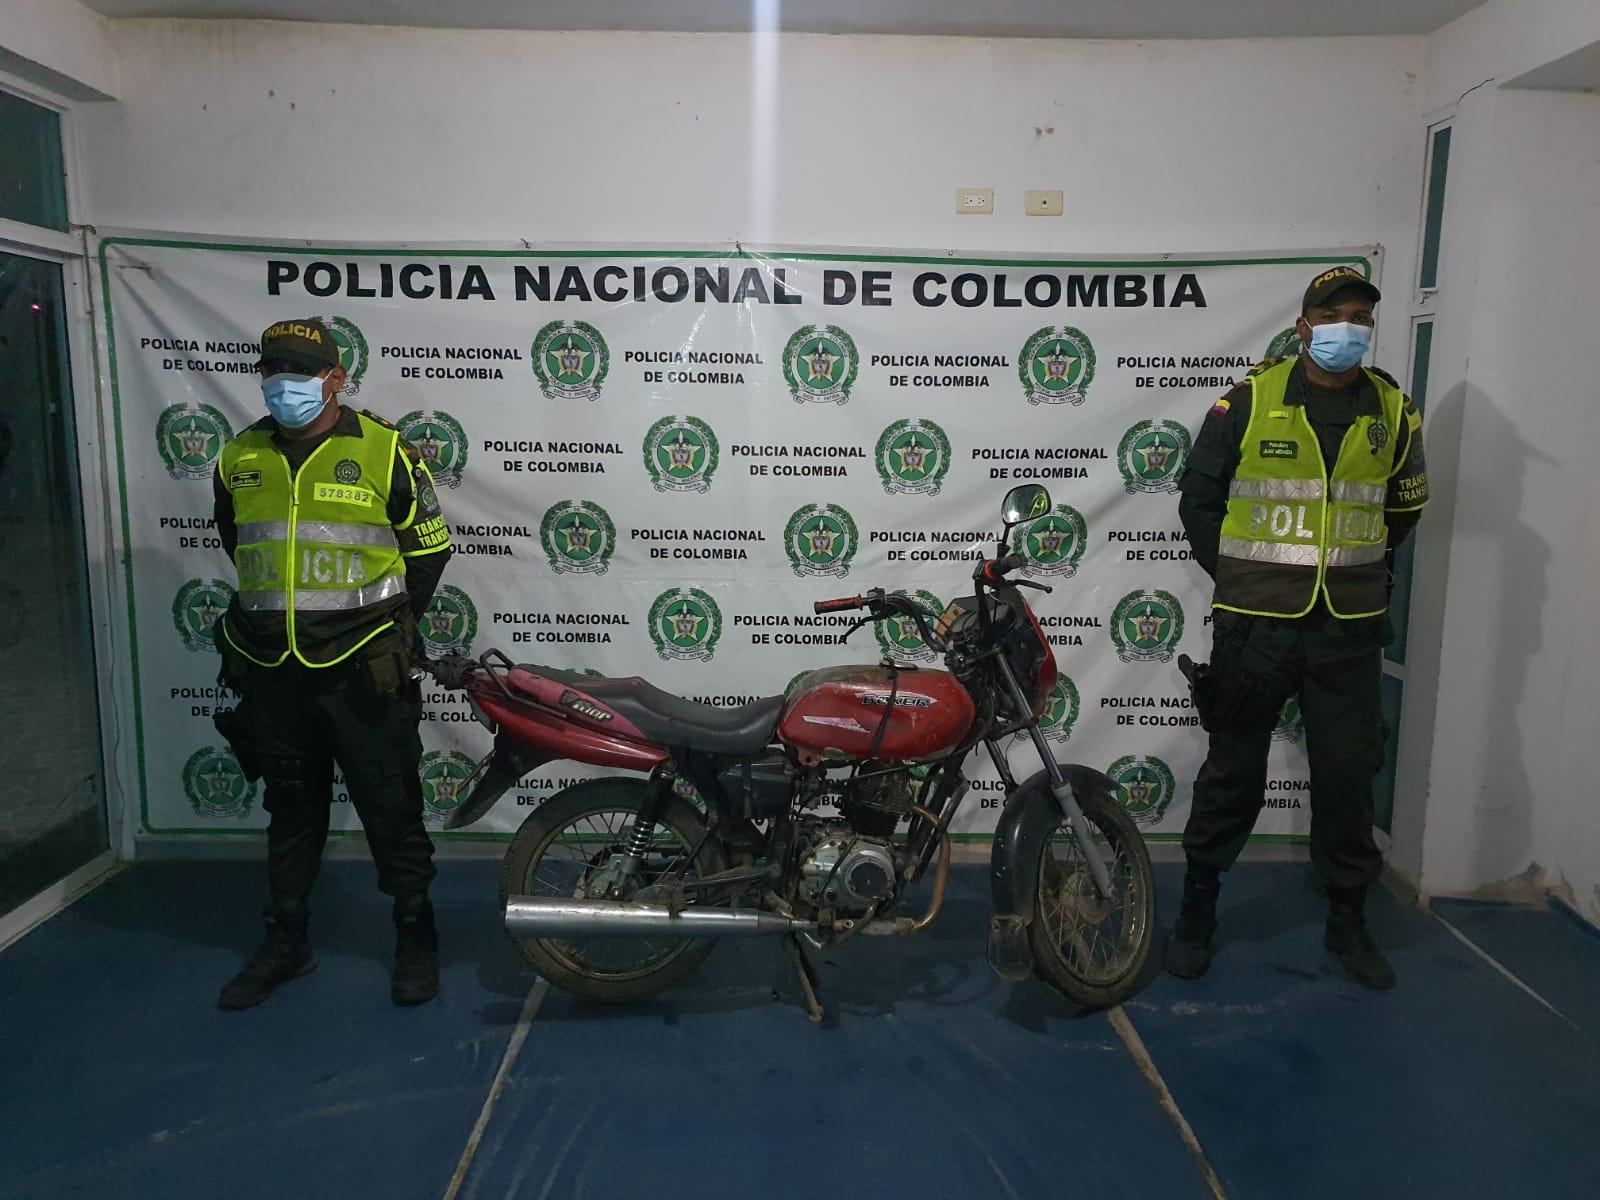 https://www.notasrosas.com/Cuatro personas con Licencias de Tránsito Falsas, capturadas en vías de La Guajira